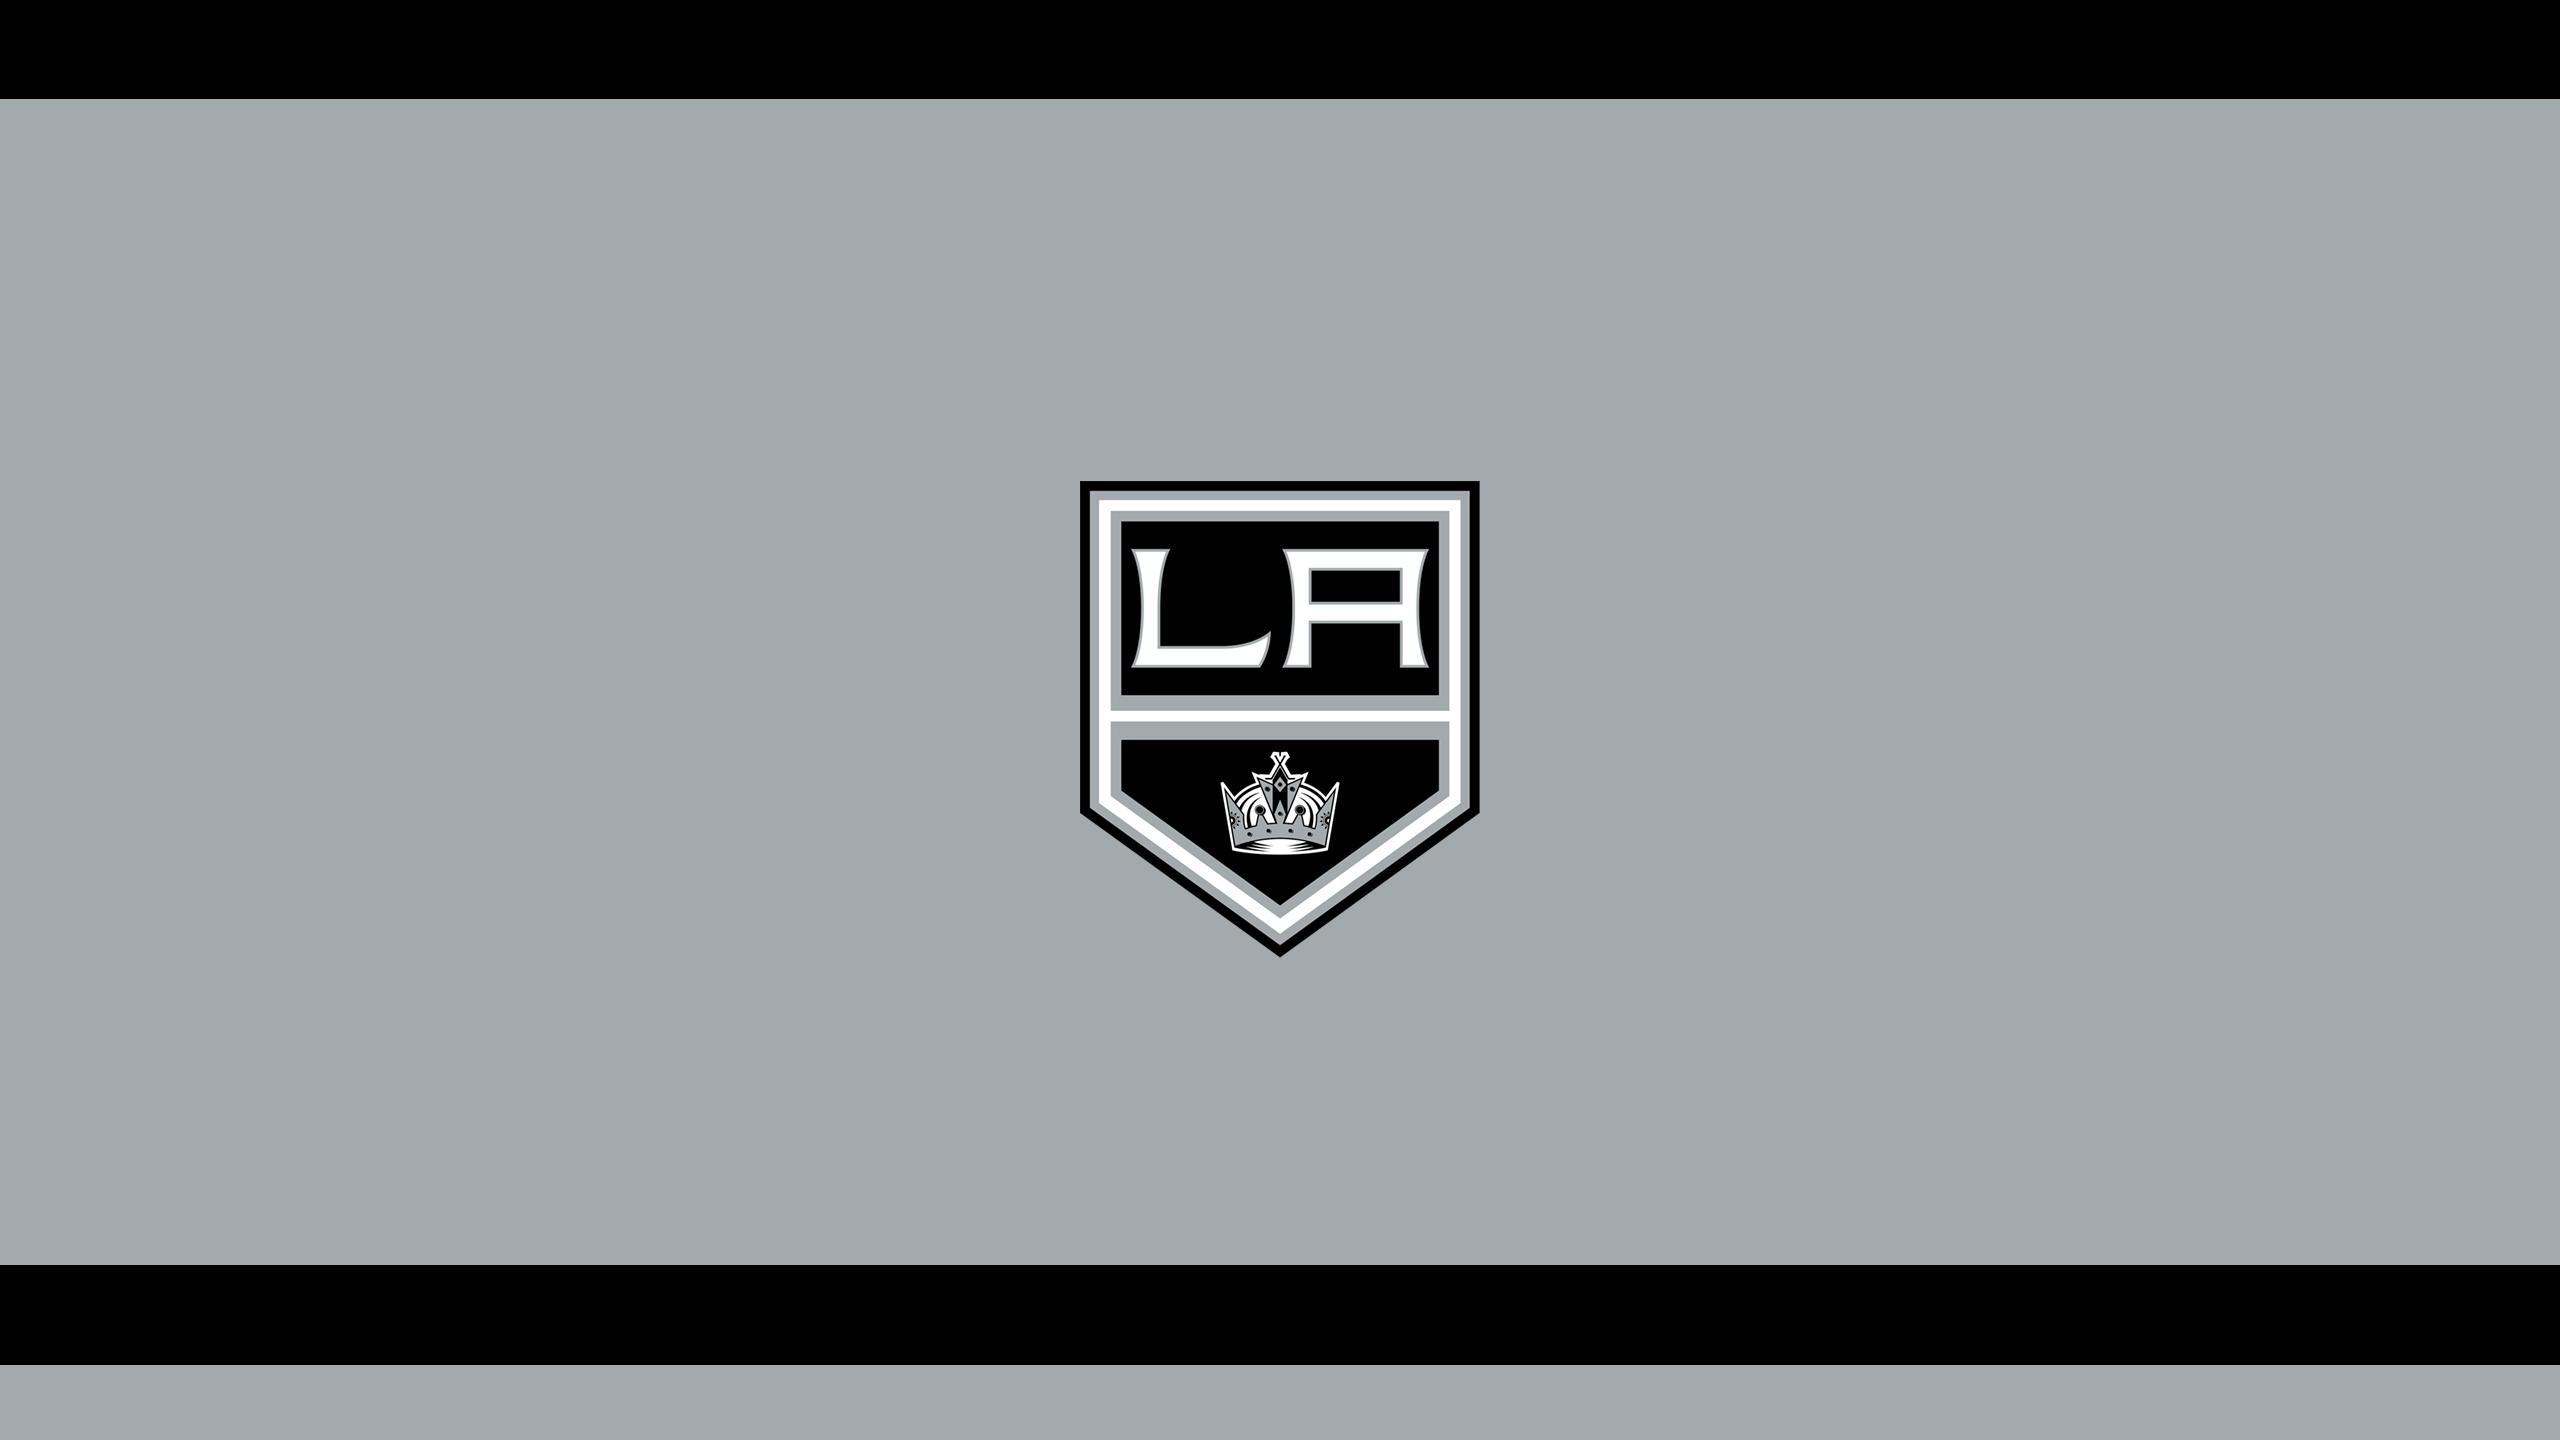 Los Angeles Kings (Third)